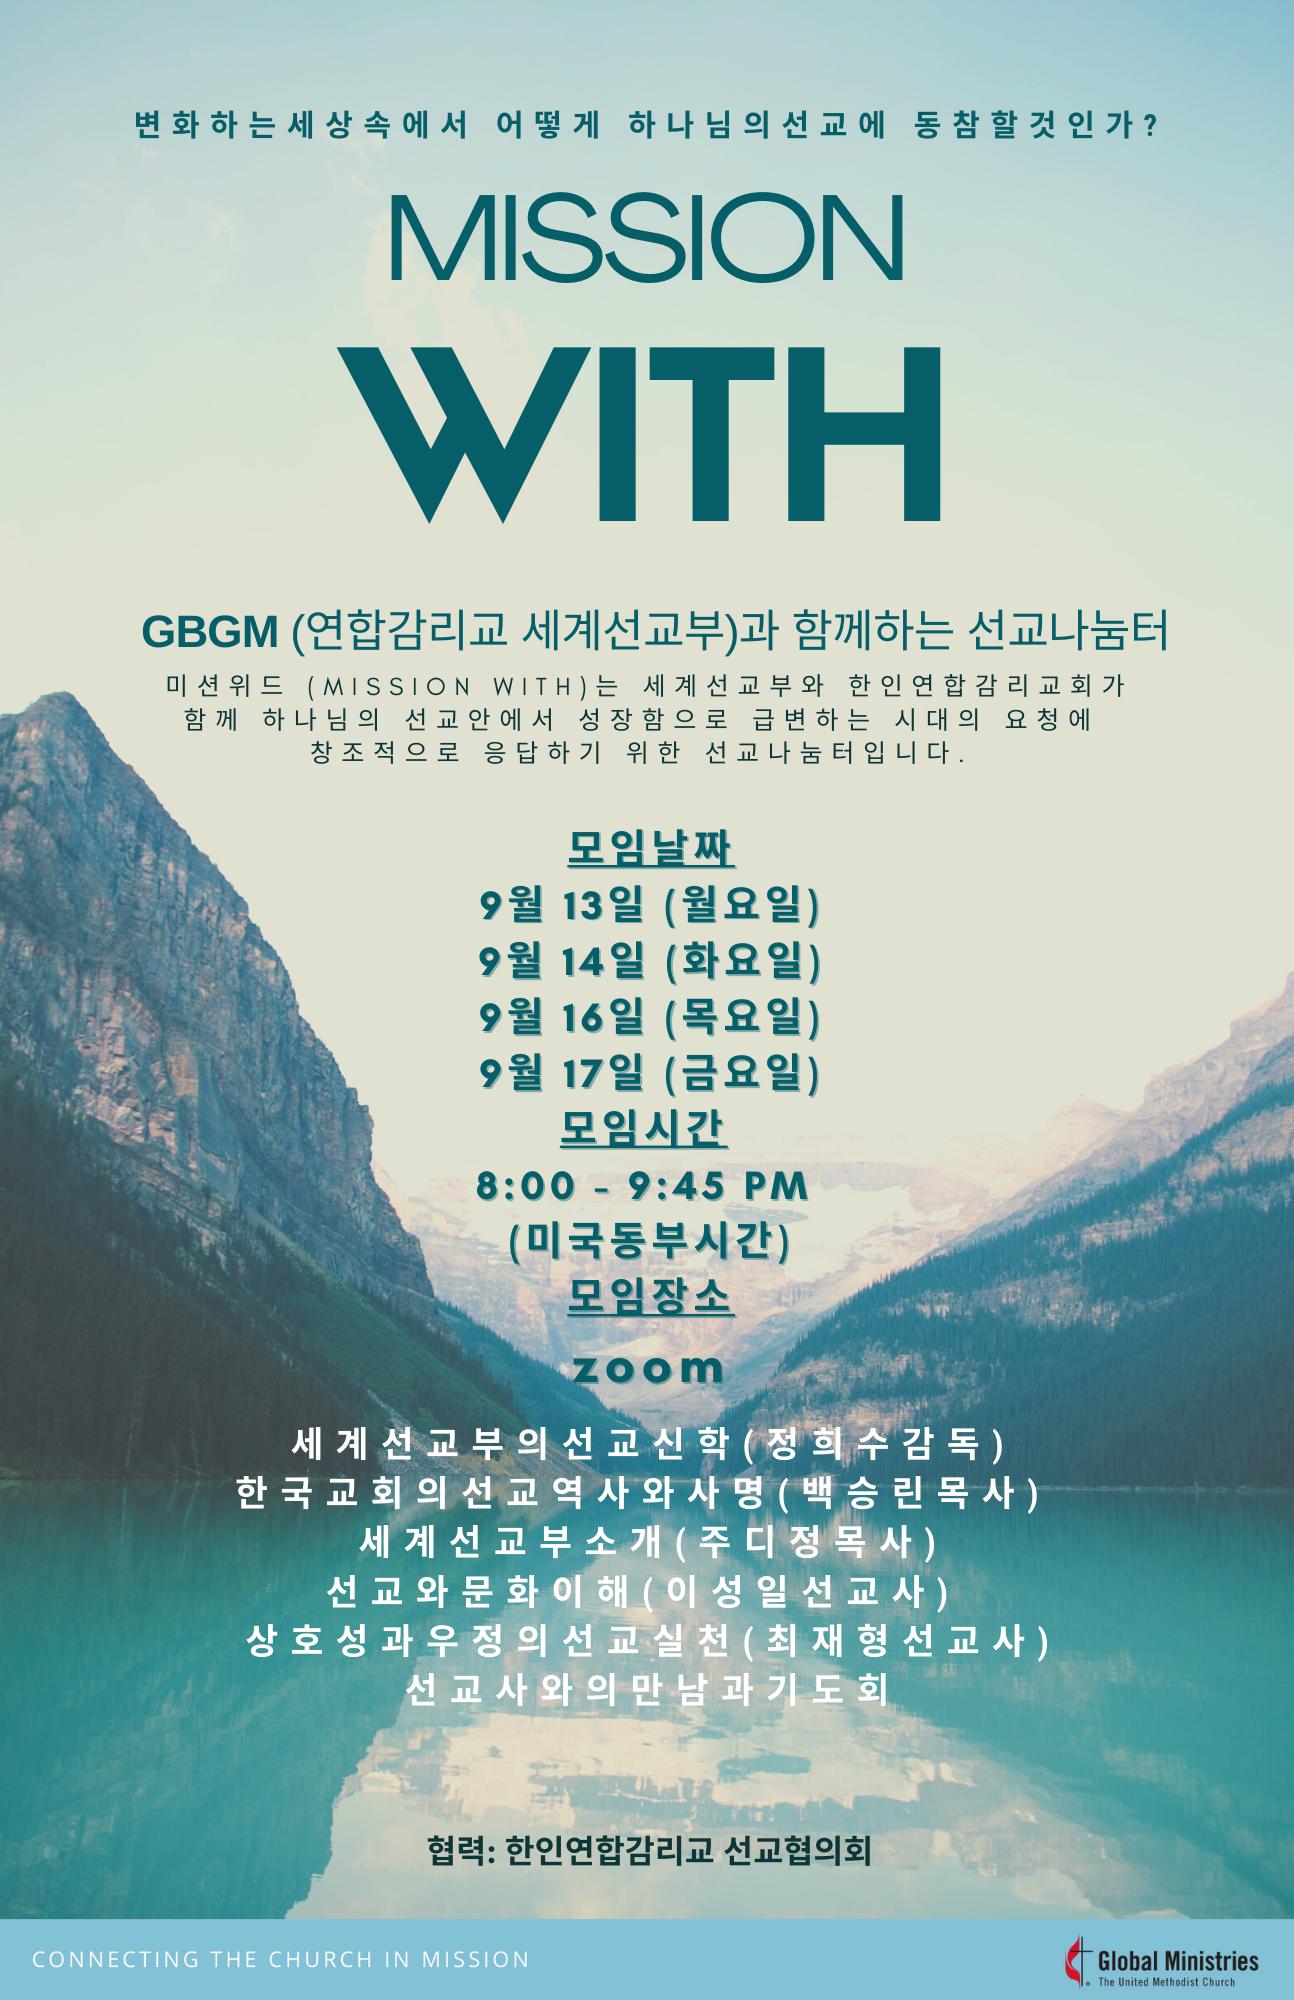 연합감리교 세계선교부(GBGM)가 주최하는 선교 나눔 모임 <미션위드(MISSON WITH)>의 포스터. 사진, 세계선교부 제공.